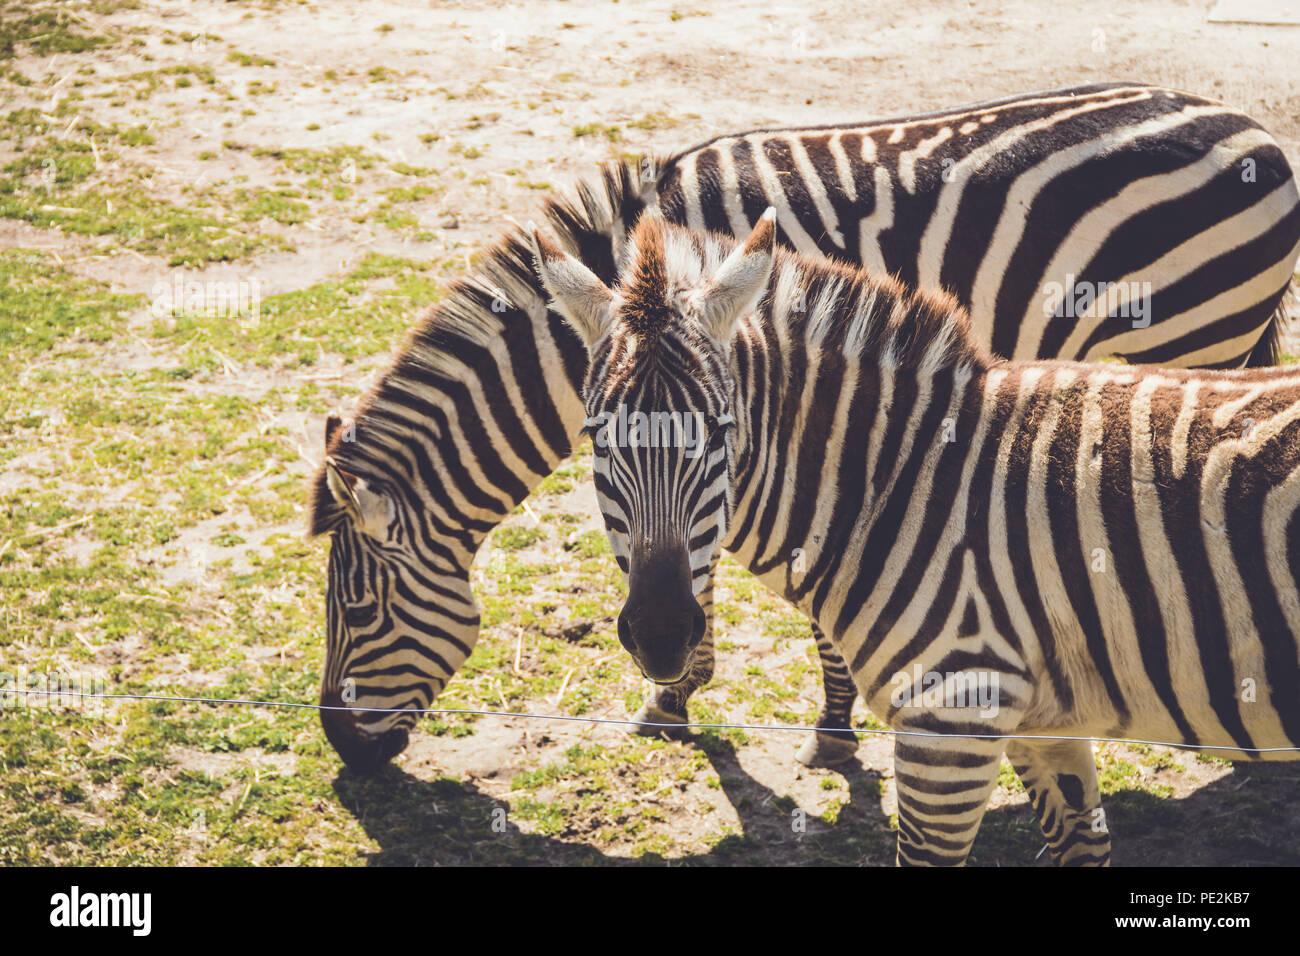 Zebra (Equus quagga) sfiori su erba selvatica in suolo sabbioso in un vintage giardino Foto Stock